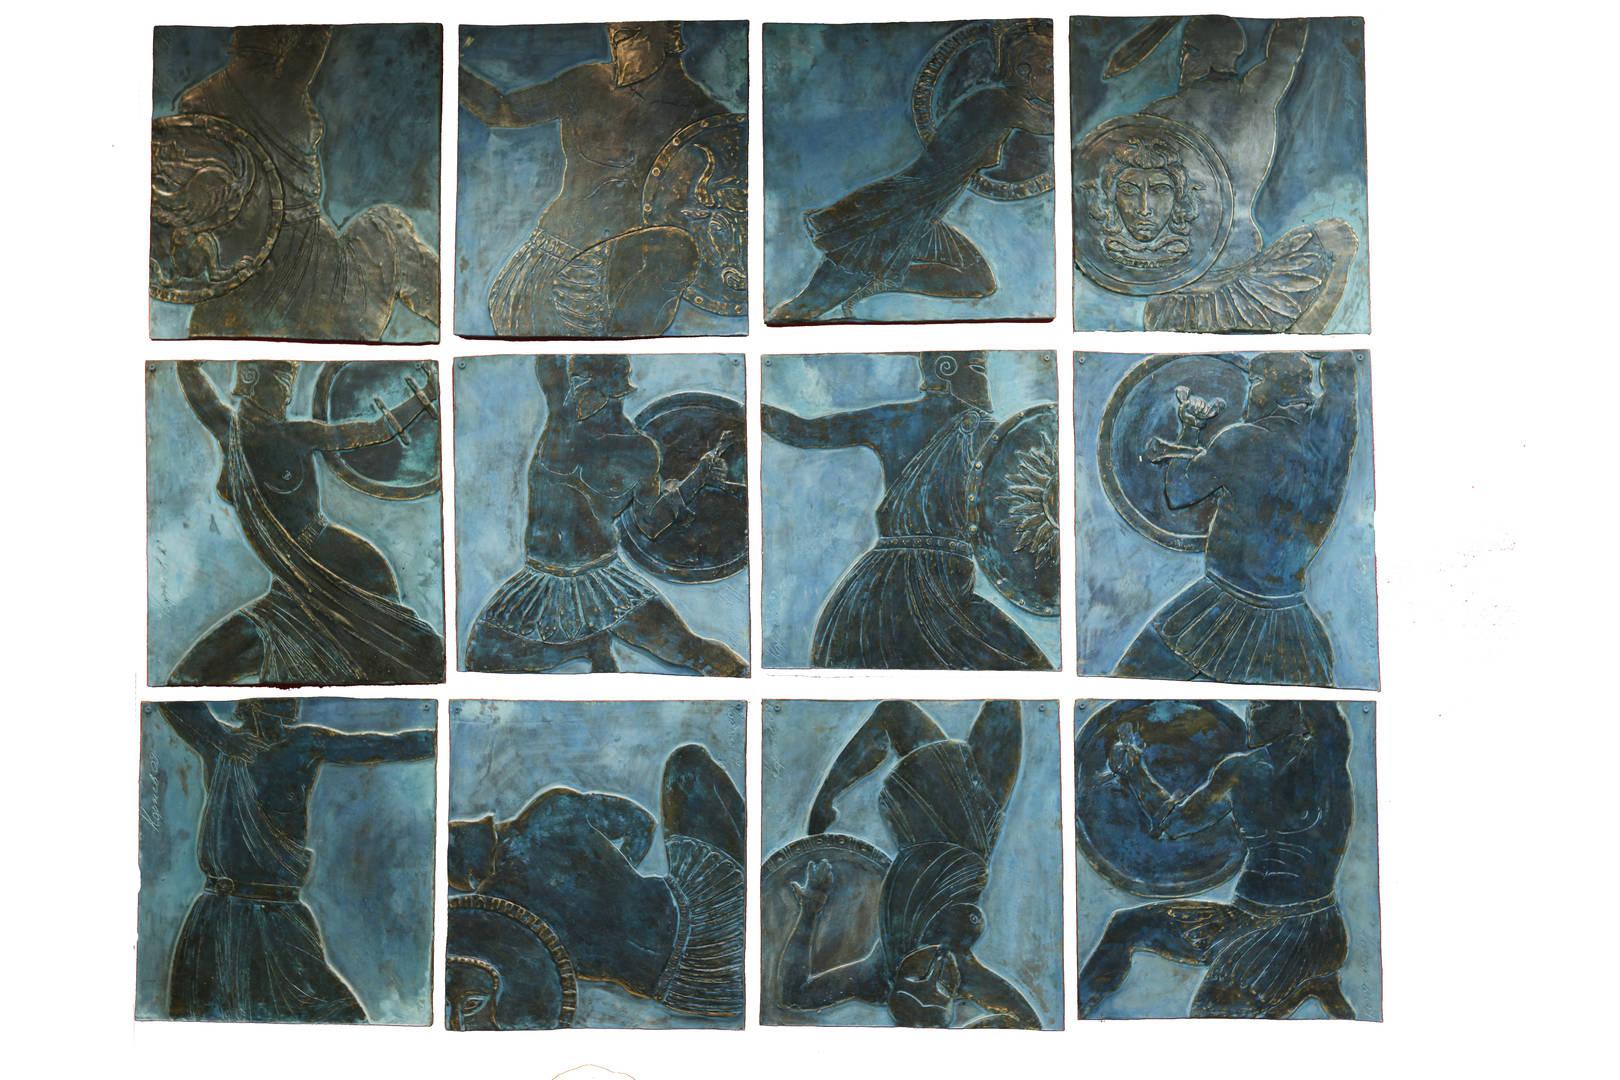 Amazonomachy / confrontation - a conflict situation, covering all major areas of life and finding resolution in the form of open aggression. Confrontation is active both ways. One of the most famous stories of confrontation - Amazonomachy: Battle of the Greek heroes (Bellerophon, Heracles, Theseus, Achilles, etc.) And the Amazons. Amazonomachy became a symbol of confrontation between male and female. A series of 12-and low, almost graphically reliefs in square skirtings, united in a composite composition. АМАЗОНОМАХИЯ/ПРОТИВОСТОЯНИЕ – конфликтная ситуация, охватывающая все основные жизненные сферы и находящая разрешение в форме открытой агрессии. Противостояние носит активный обоюдный характер. Одна из знаменитых историй противостояния – амазономахия: битва греческих героев (Беллерофонта, Геракла, Тесея, Ахилла и др.) и амазонок. Амазономахия стала символом противоборства мужского и женского начал. Серия из 12-и низких, почти графичных рельефов в квадратных плинтах, объединенных в сложносоставную композицию.